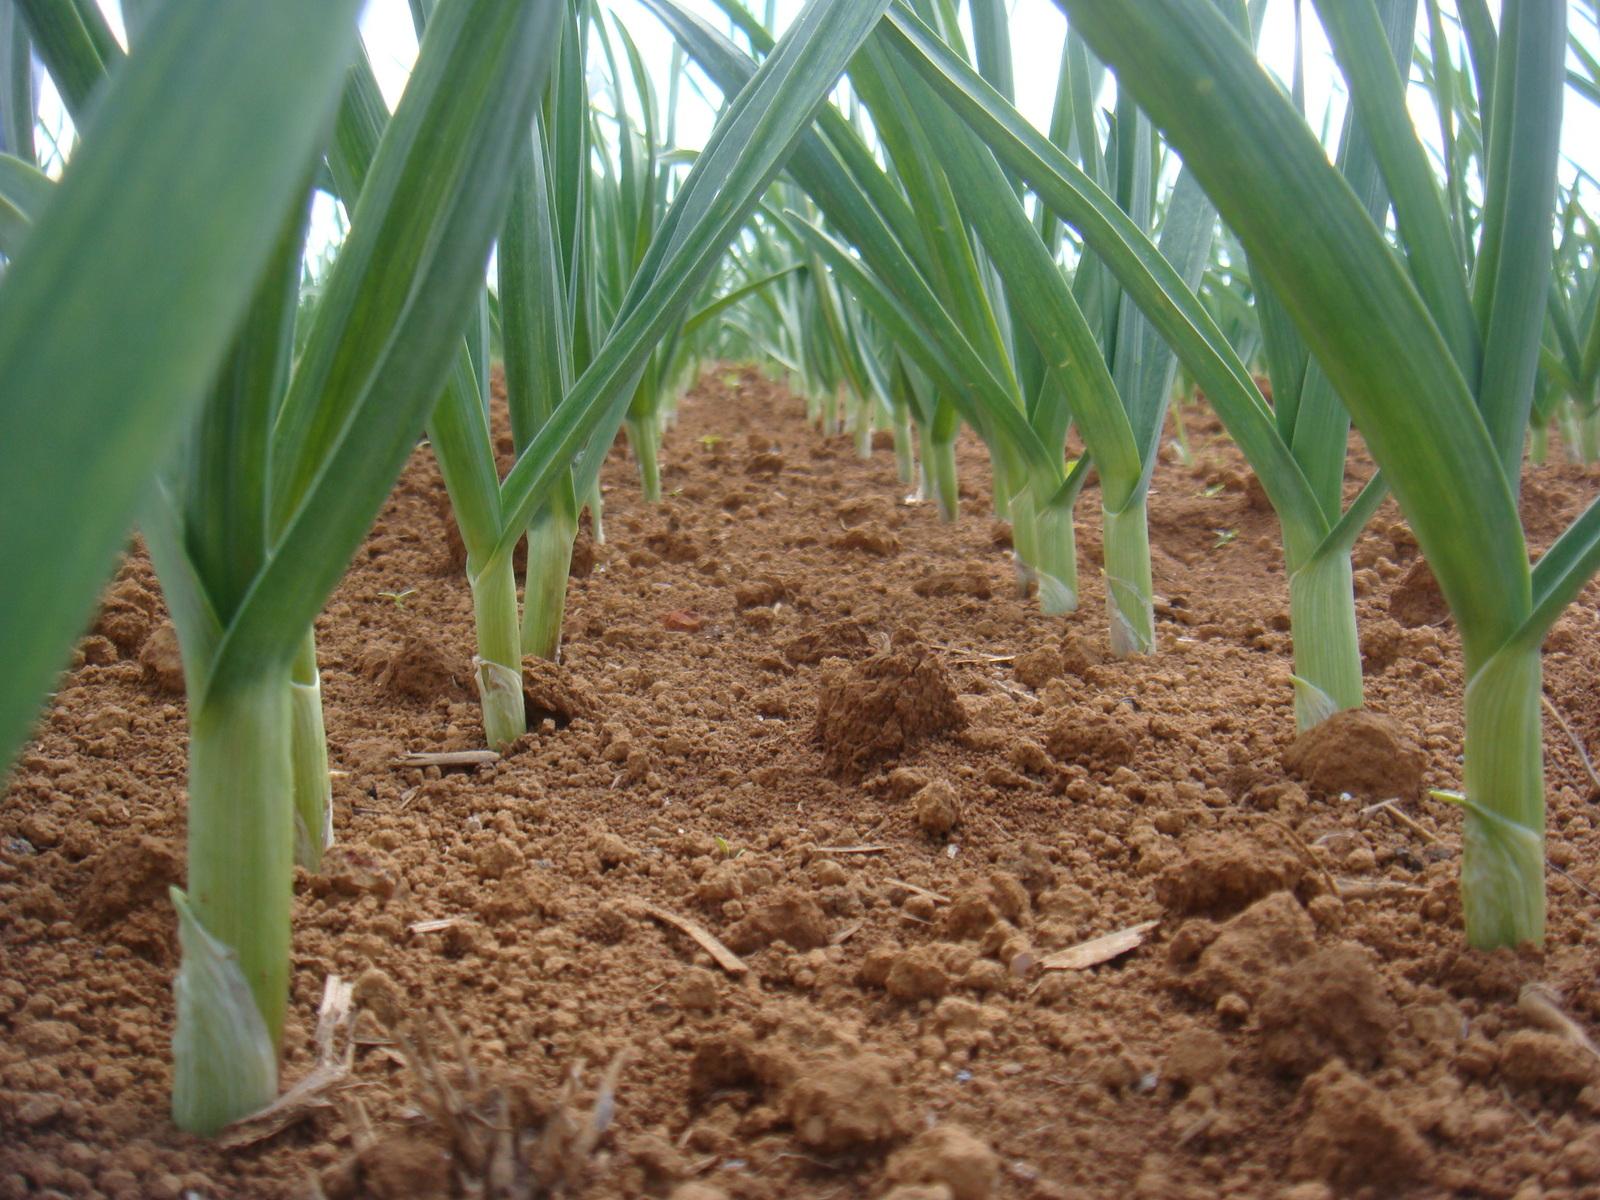 La societe erme m canisation de la culture de l 39 ail - Recolte de l ail ...